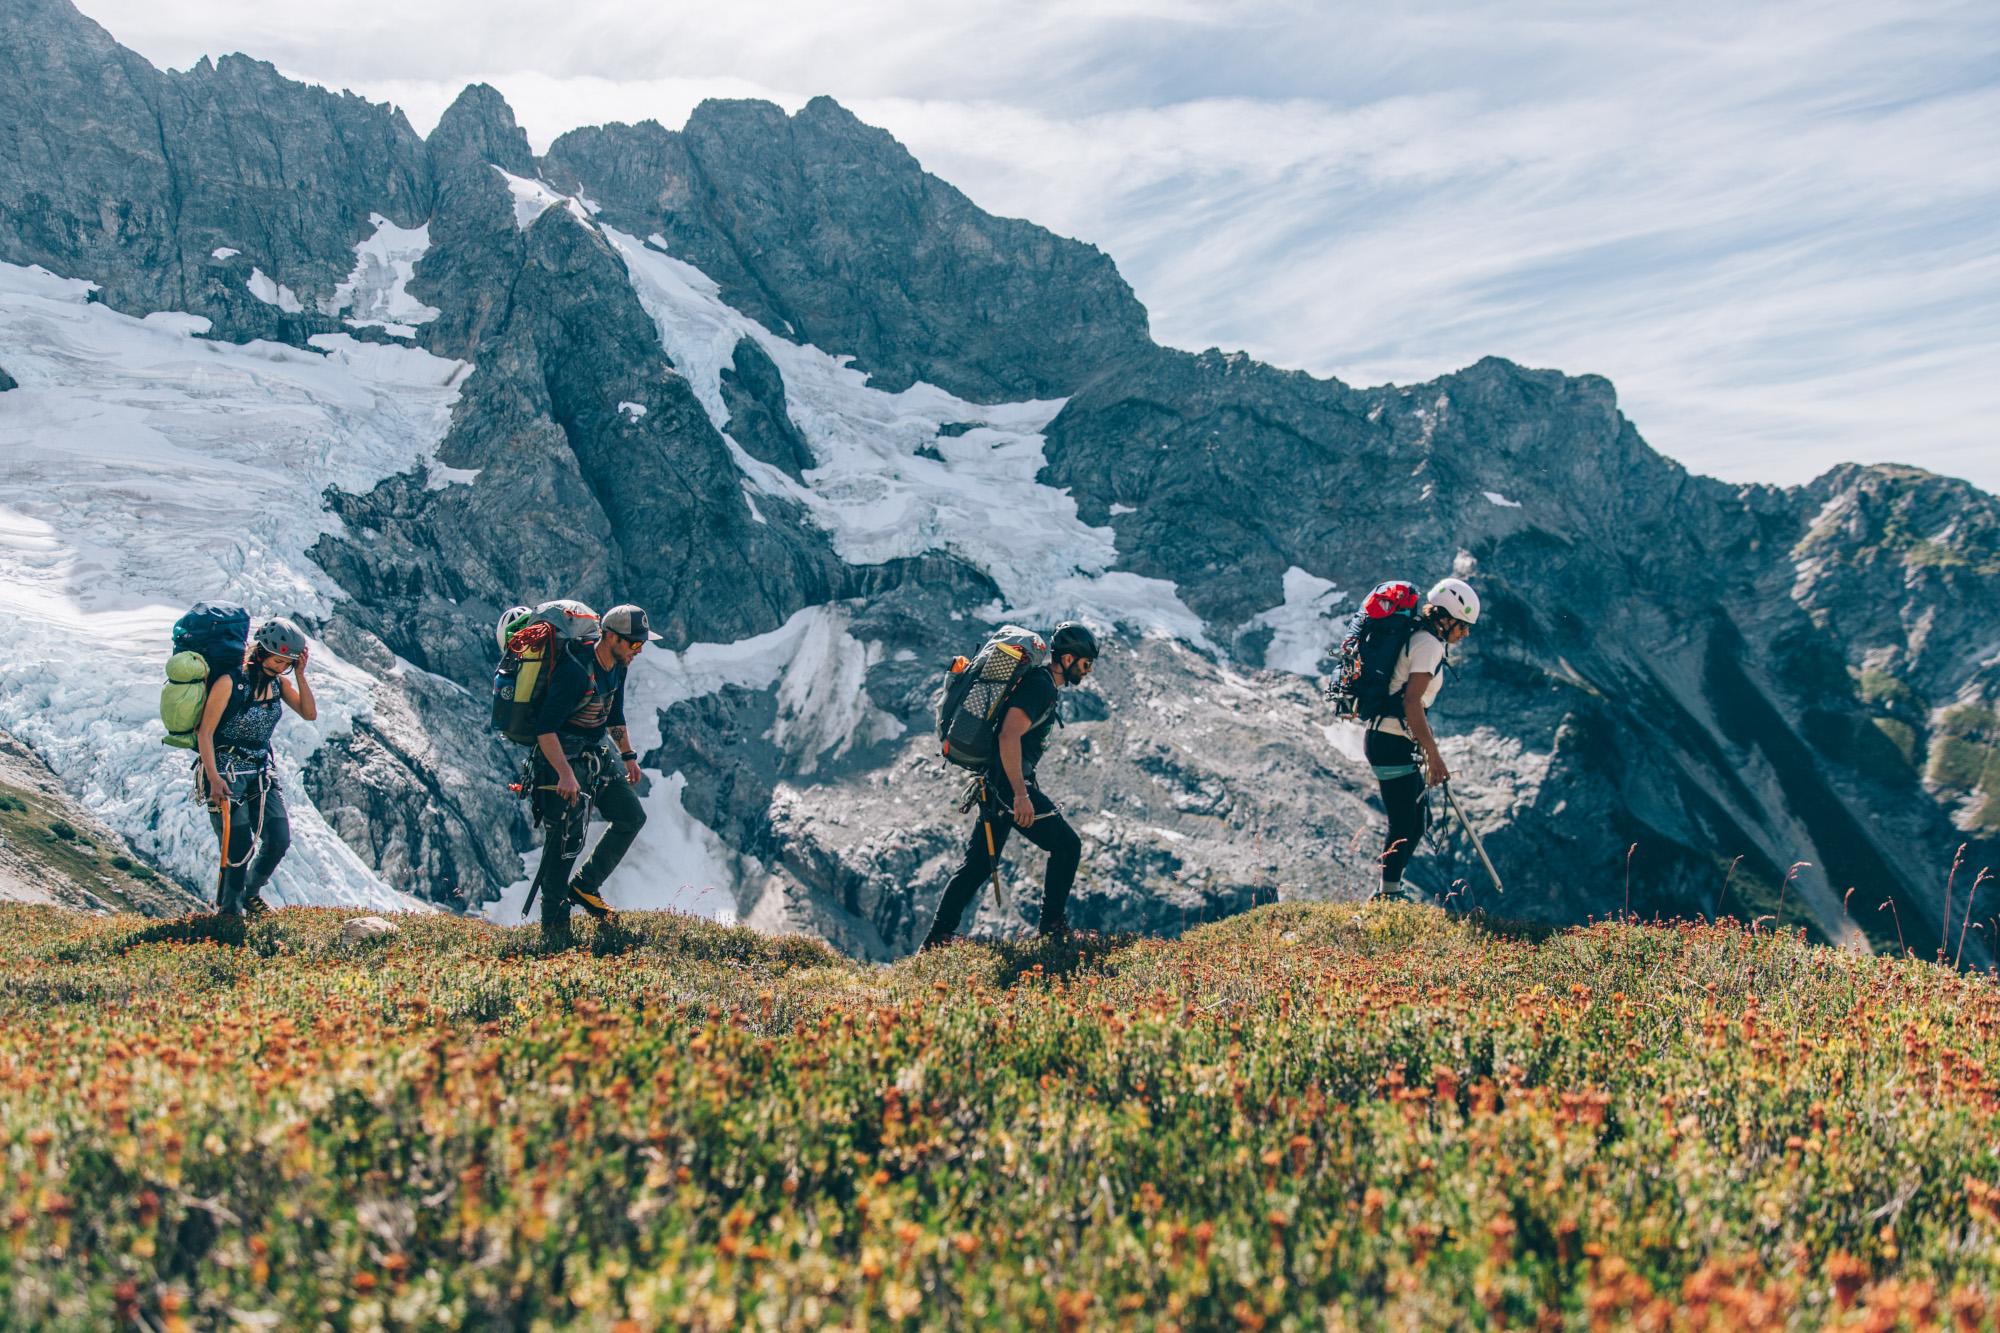 Vier Wanderer laufen in einer Reihe mit vollgepackten Rucksäcken und Ausrüstung an der Kamera vorbei. Blumen blühen im Vordergrund. Im Hintergrund ist eine schneebedeckte Bergkette mit Gletscherzungen zu sehen.